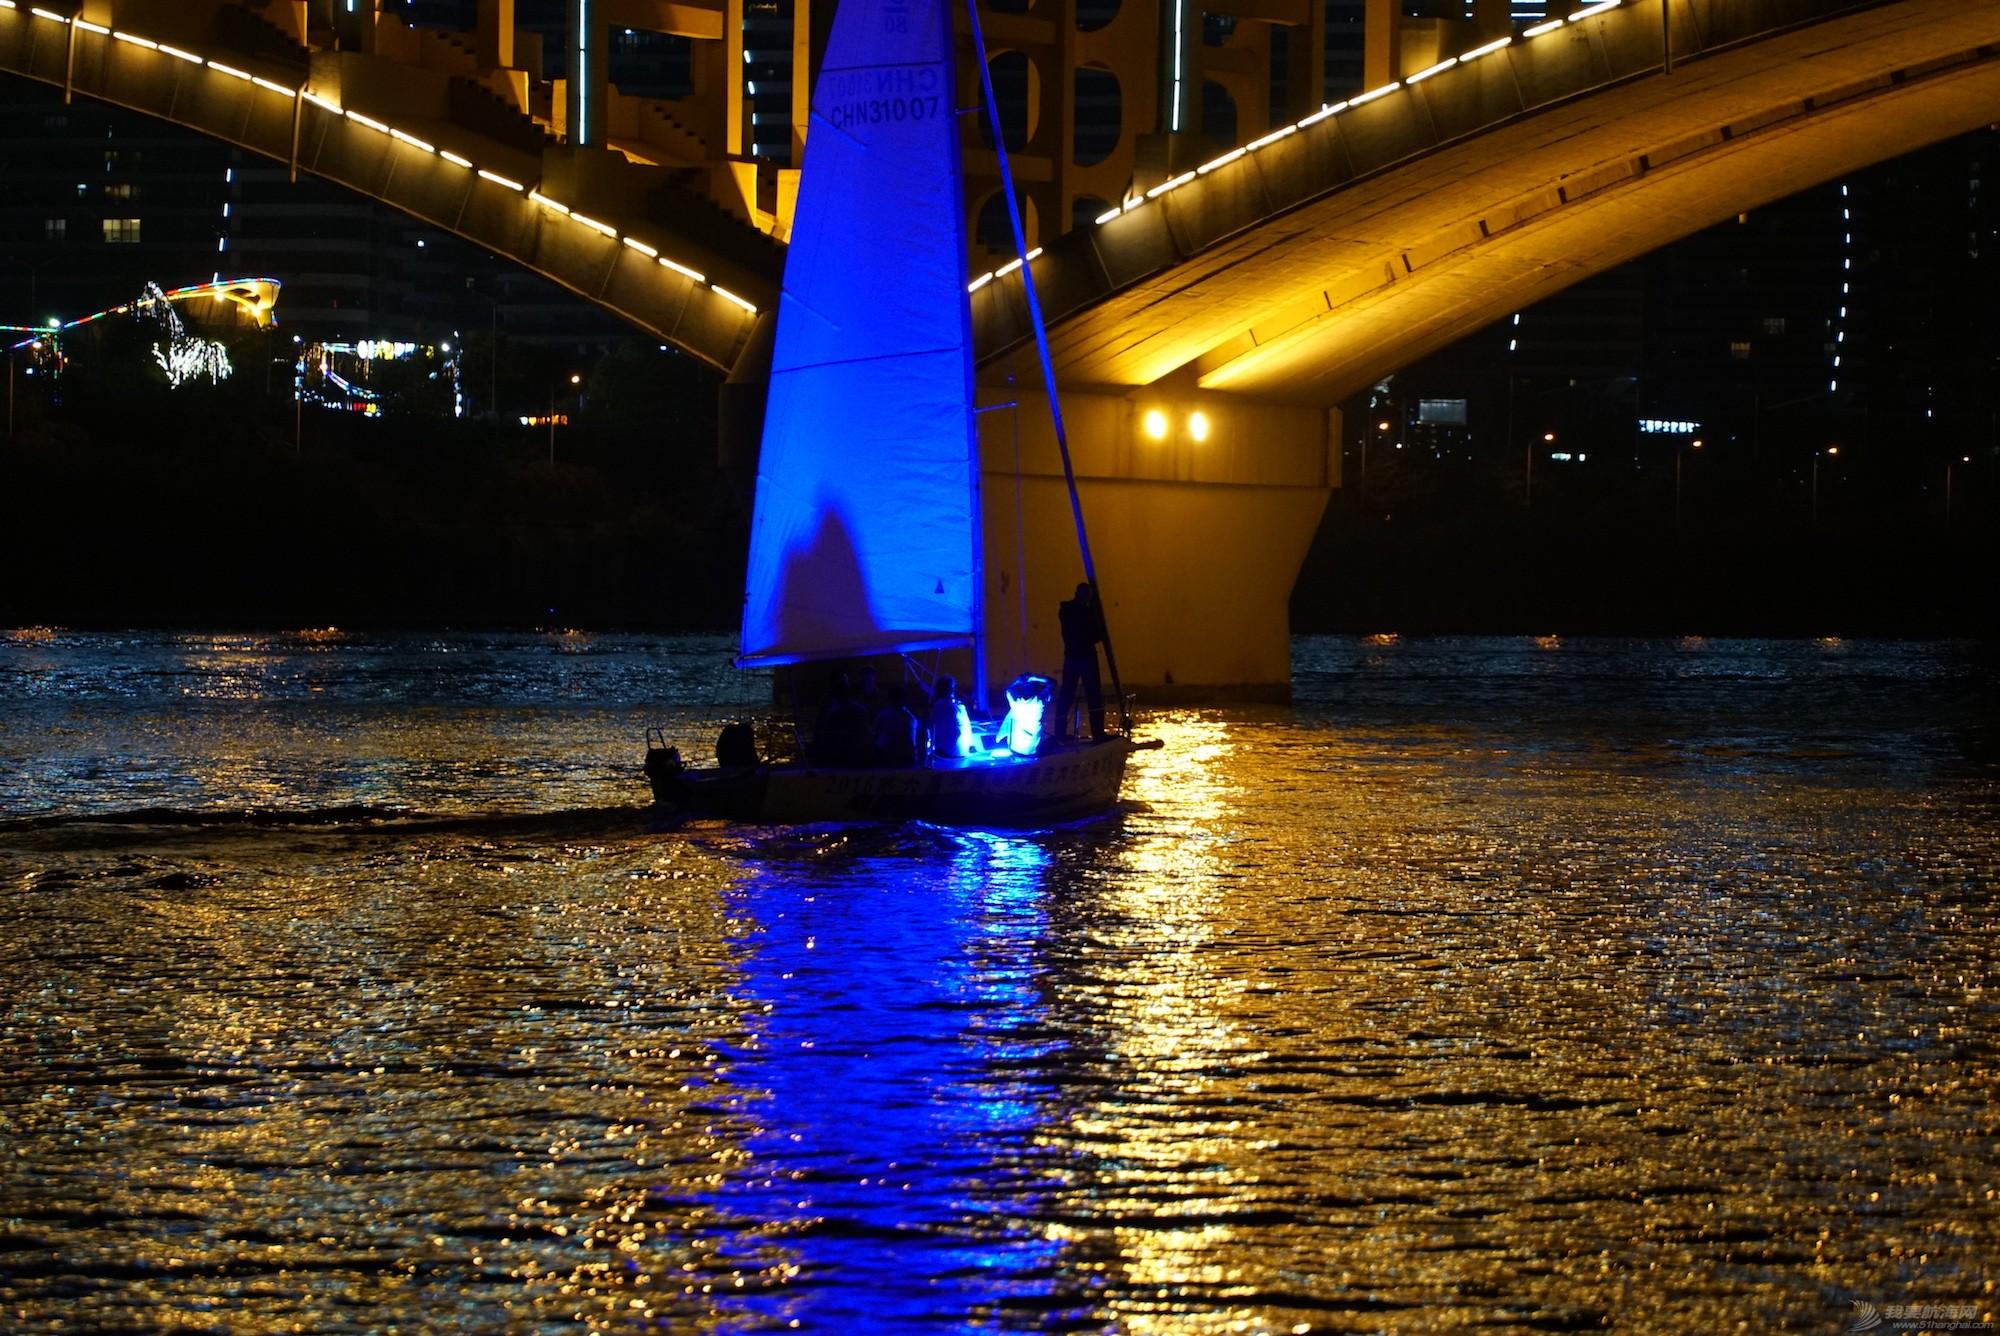 柳州,赛事 【视频】风帆与风情——2016柳州杯赛事花絮 柳江夜景